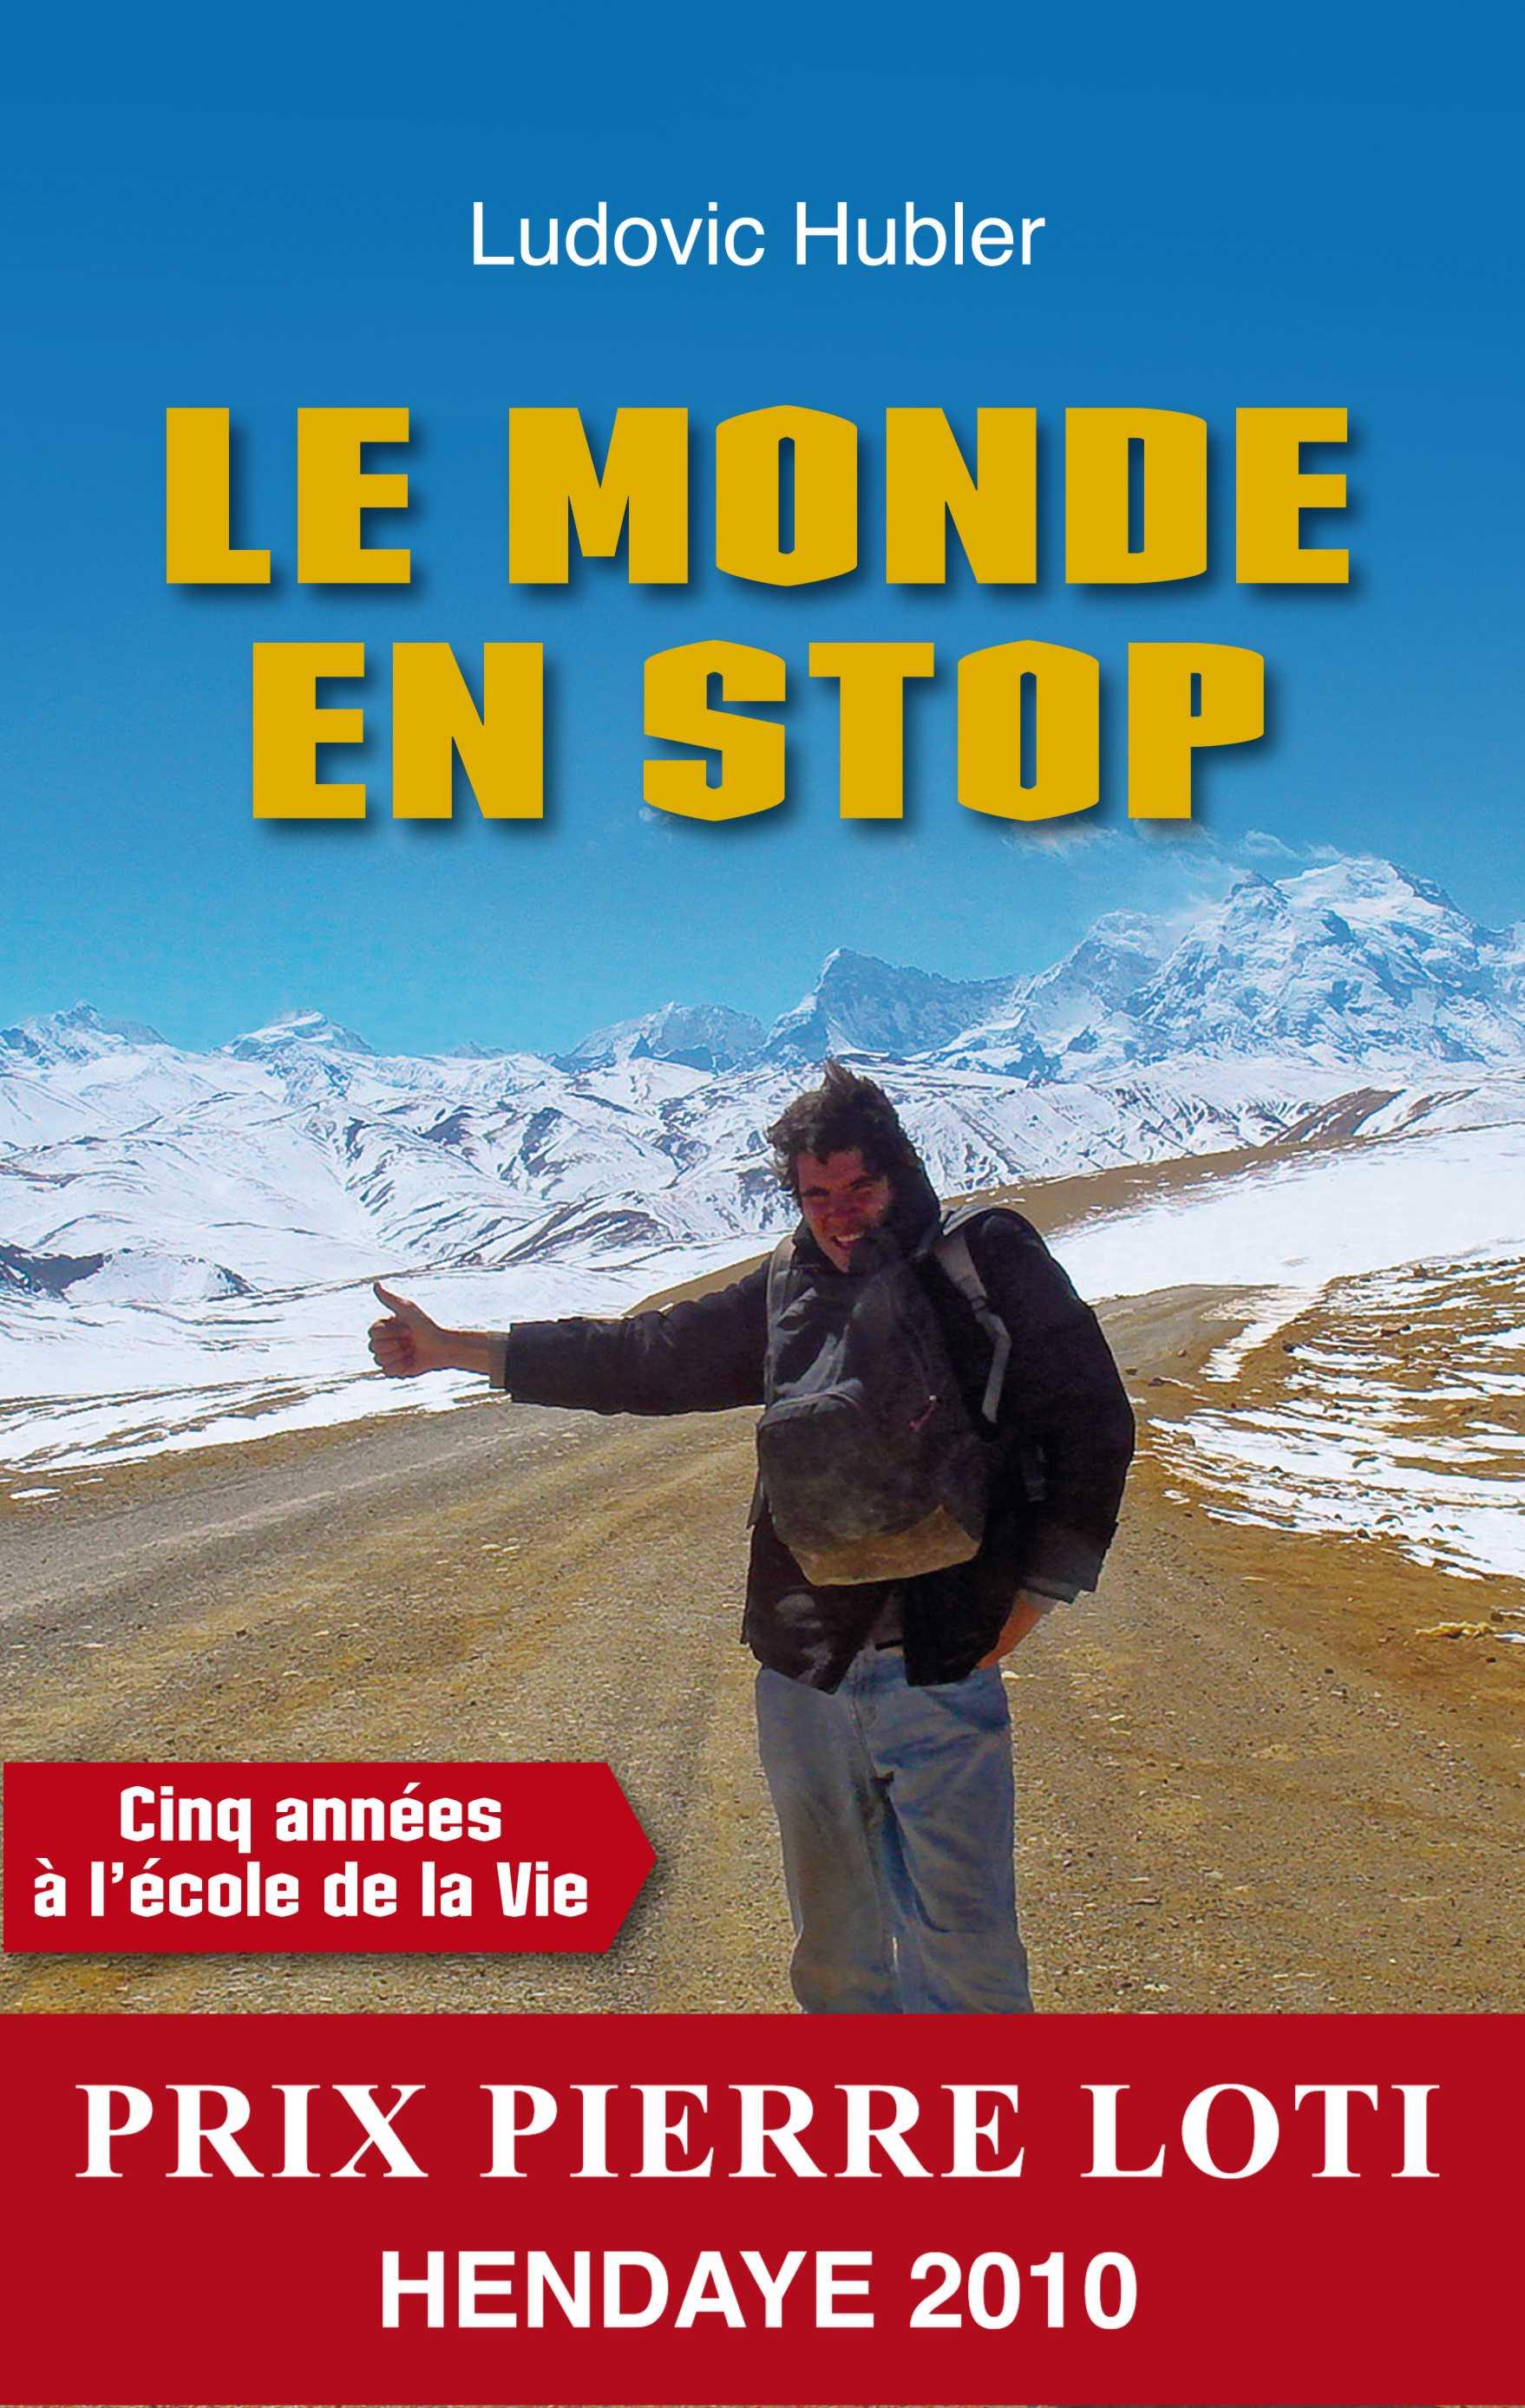 Lectures : Le monde en stop de Ludovic Hubler